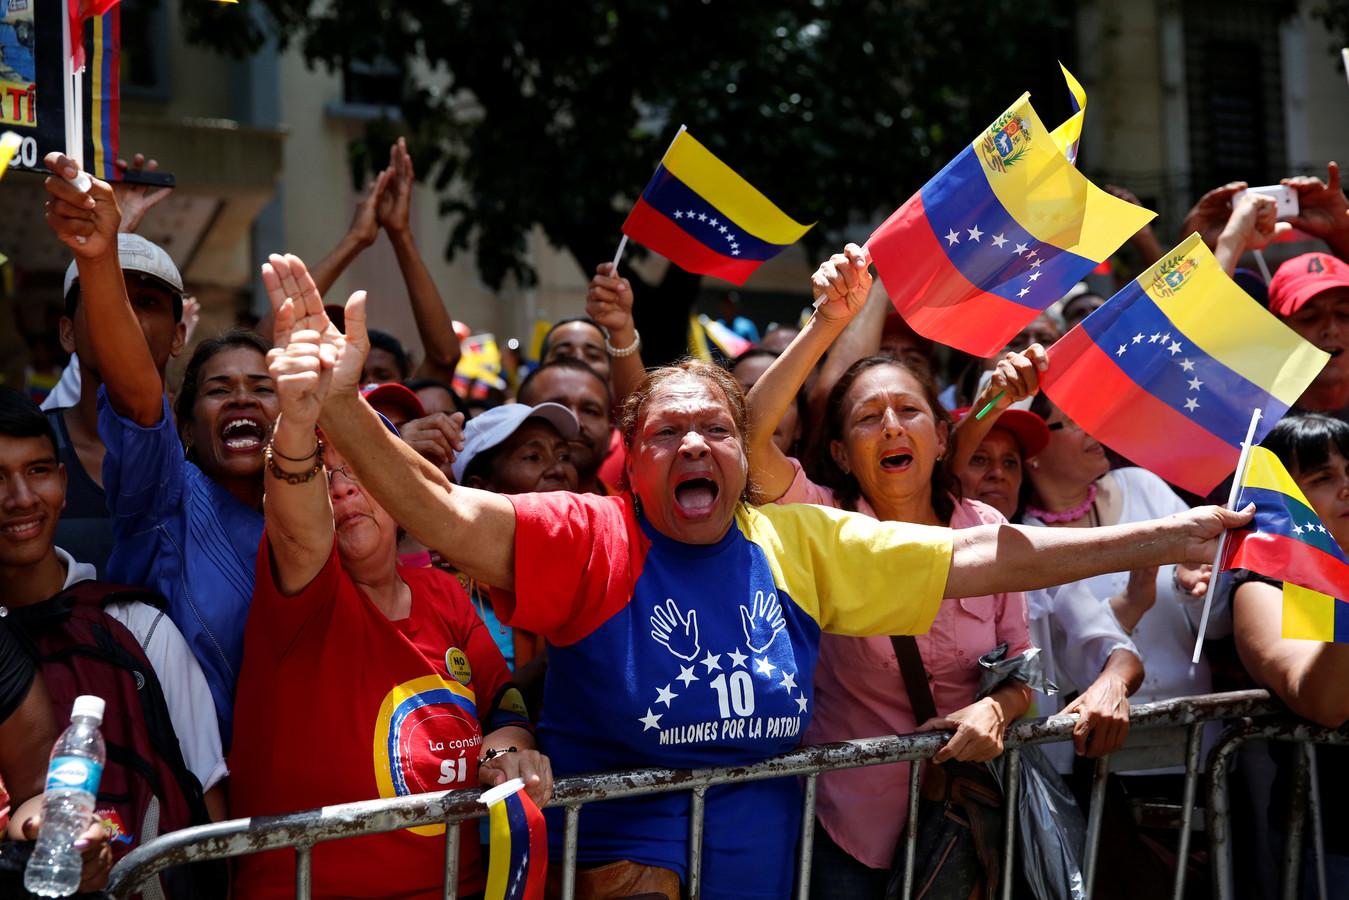 Voorstanders van Maduro kwamen vandaag in Caracas de straat op om hun steun voor de president uit te drukken.